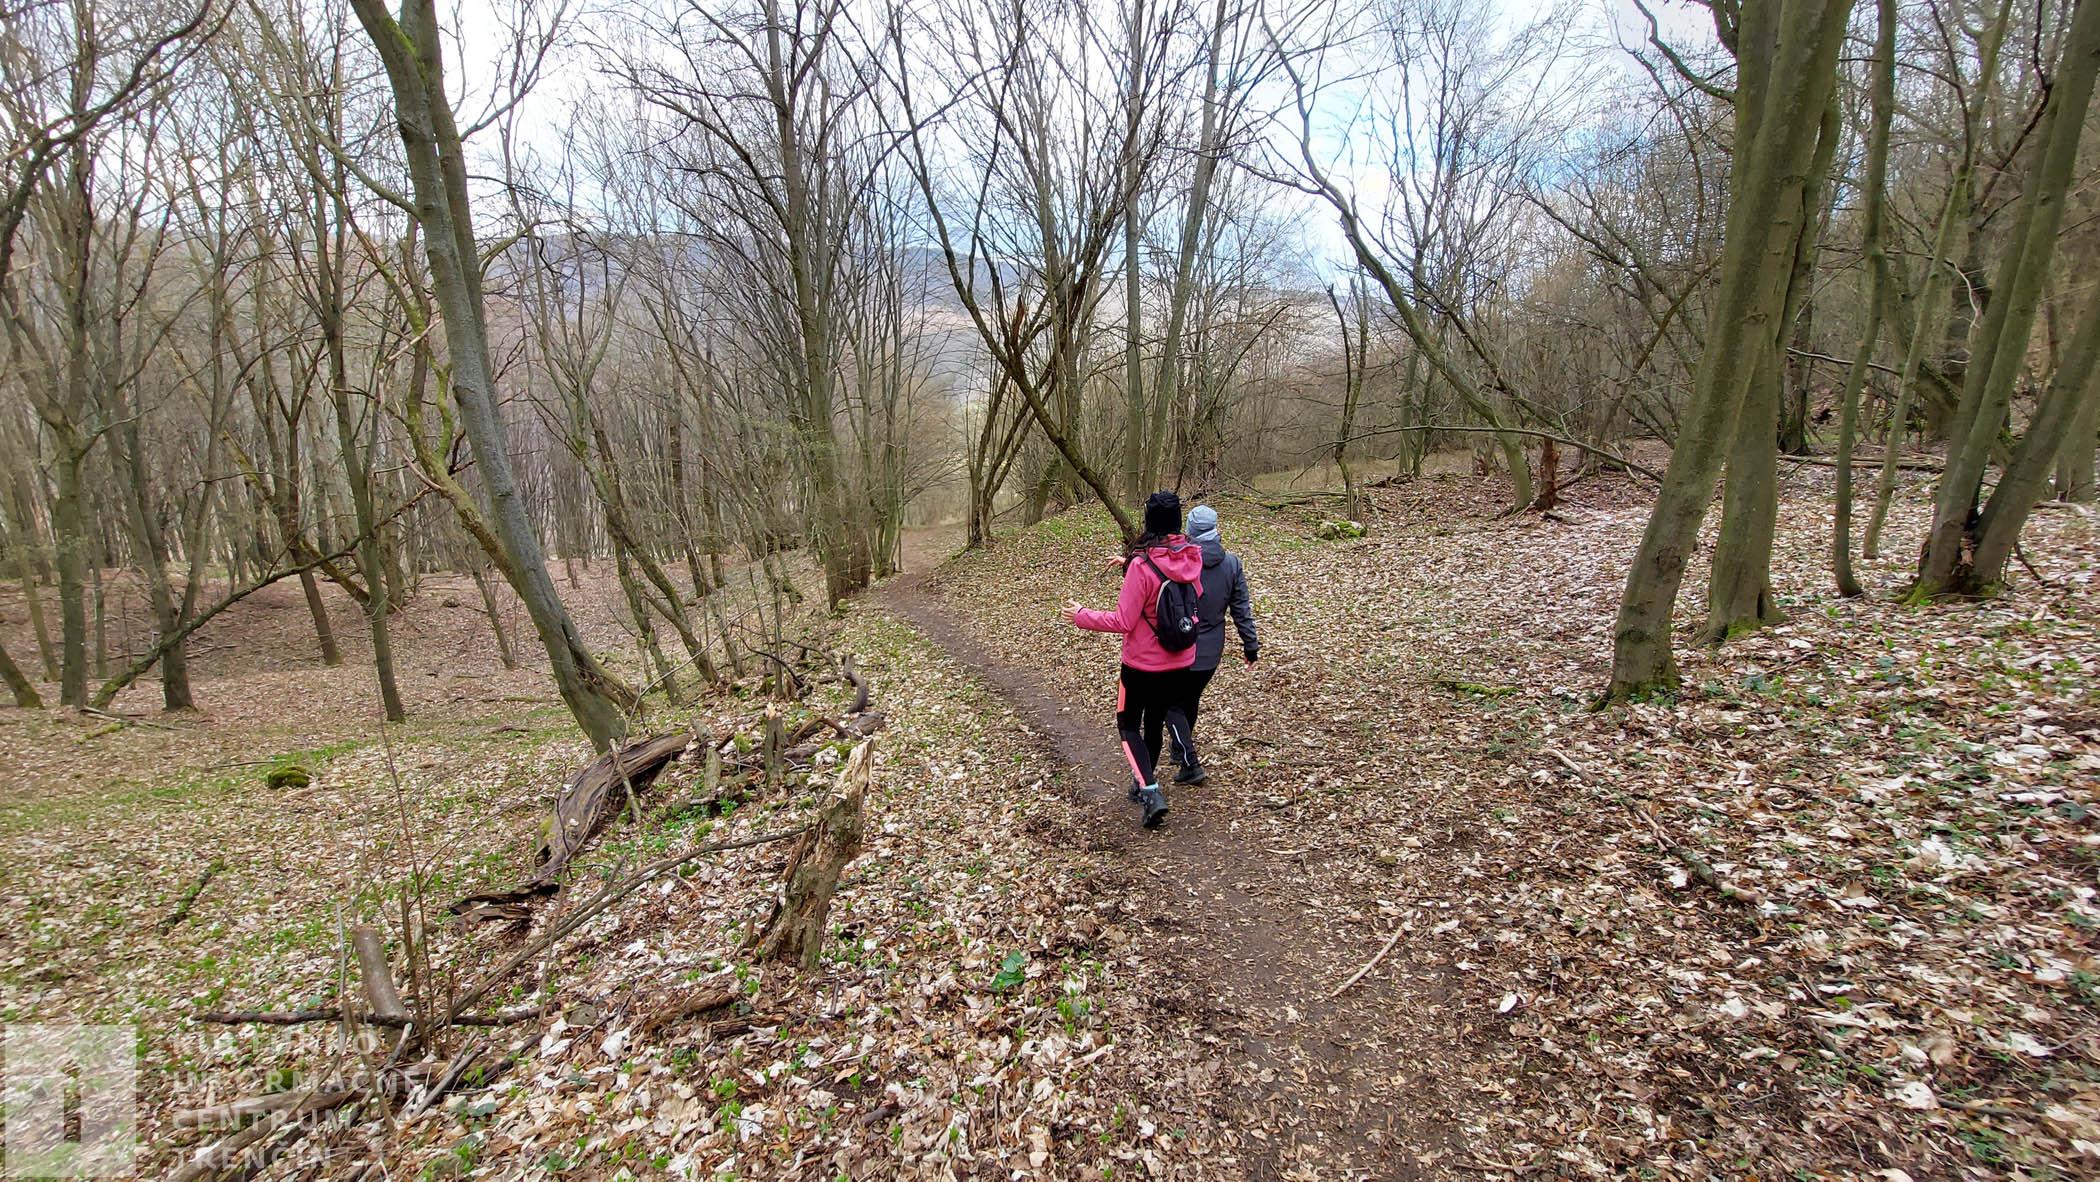 Pokračujeme cestou v lese